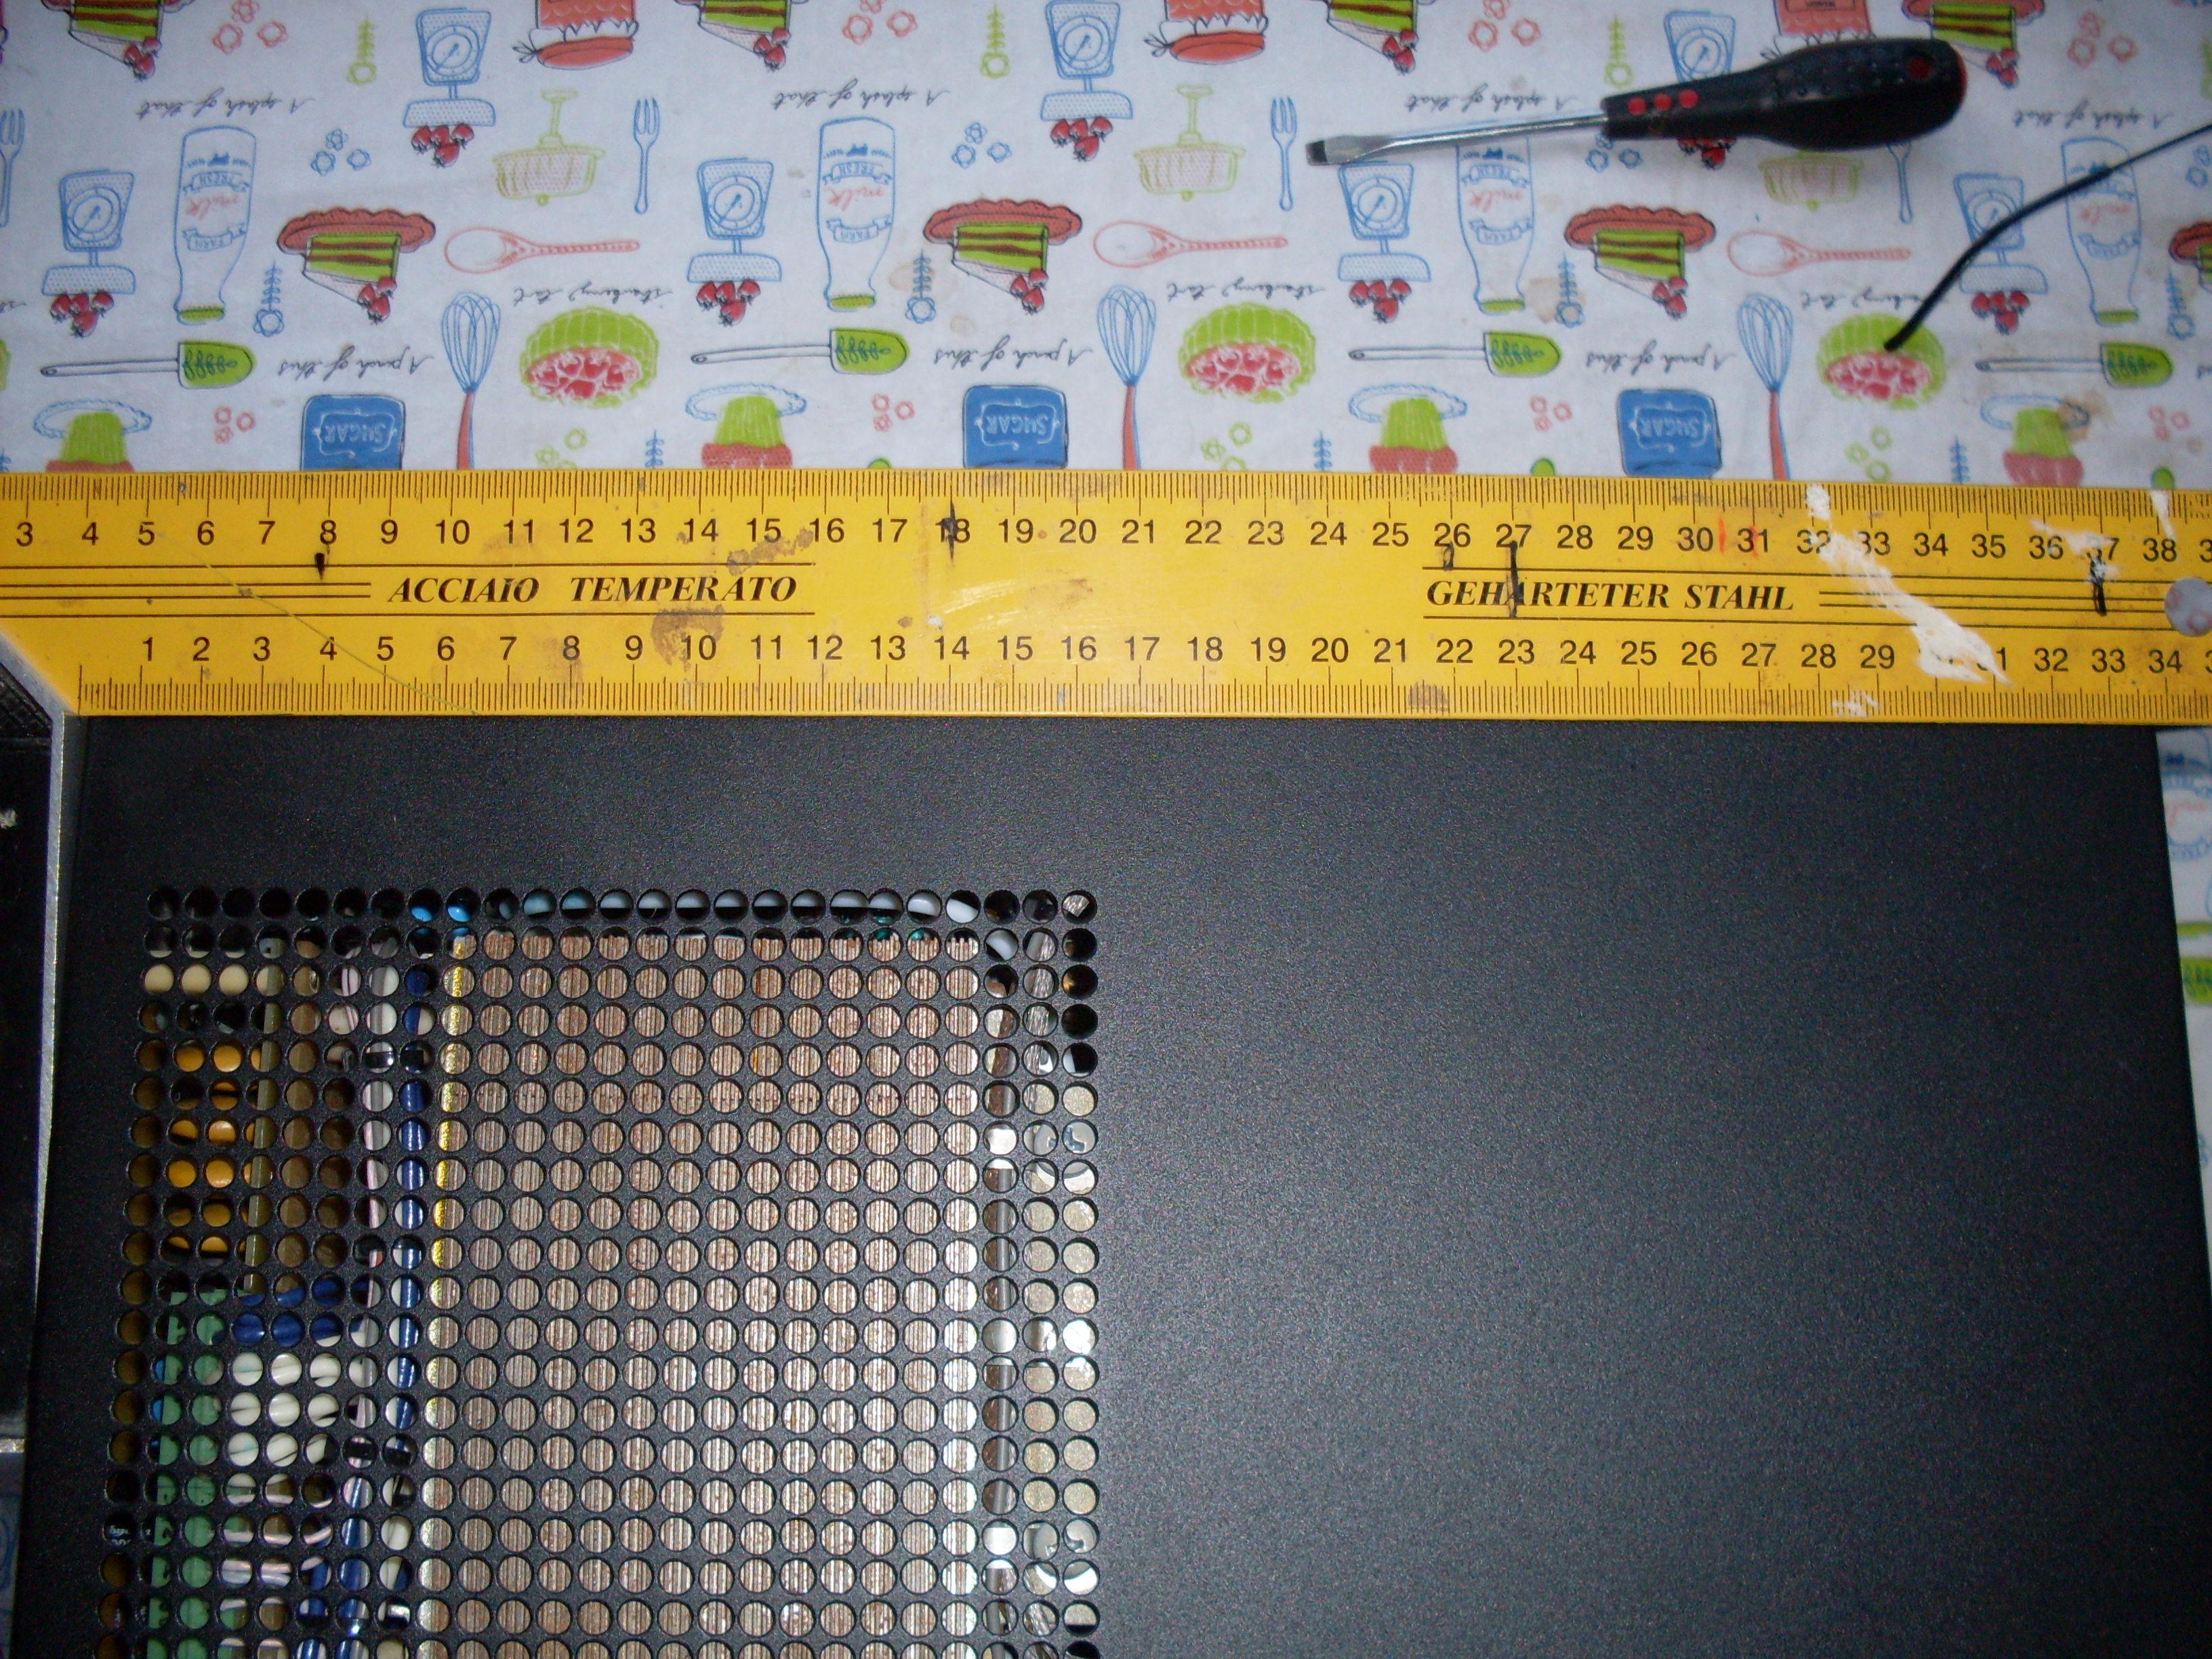 Нажмите на изображение для увеличения.  Название:SDC10450.JPG Просмотров:8 Размер:1.65 Мб ID:233880